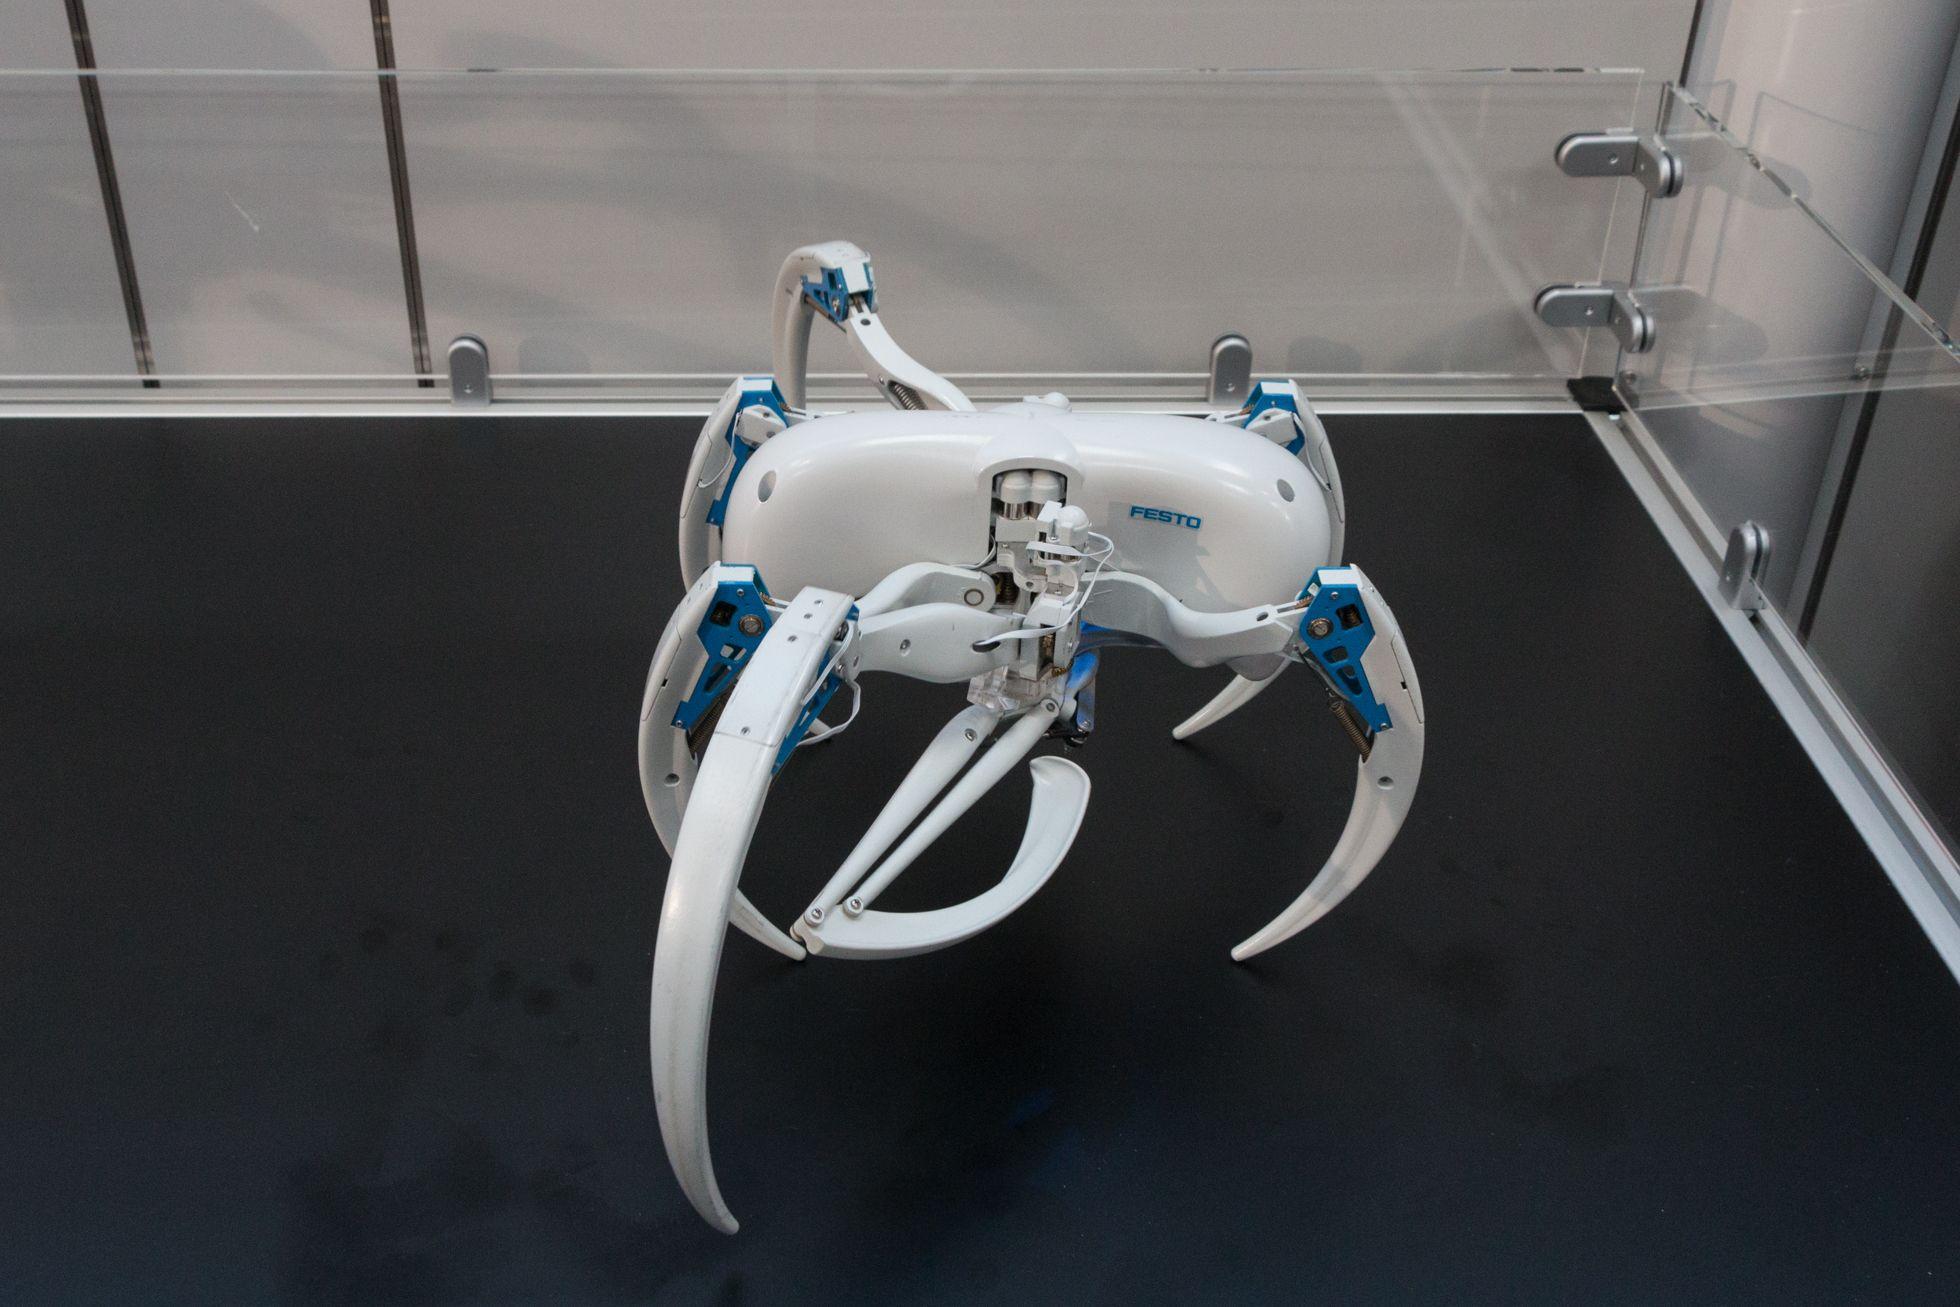 Bionic Wheel Bot: Festos Spinnenroboter rollt und läuft - Zum Laufen braucht der Roboter nur sechs Beine. (Bild: Werner Pluta/Golem.de)